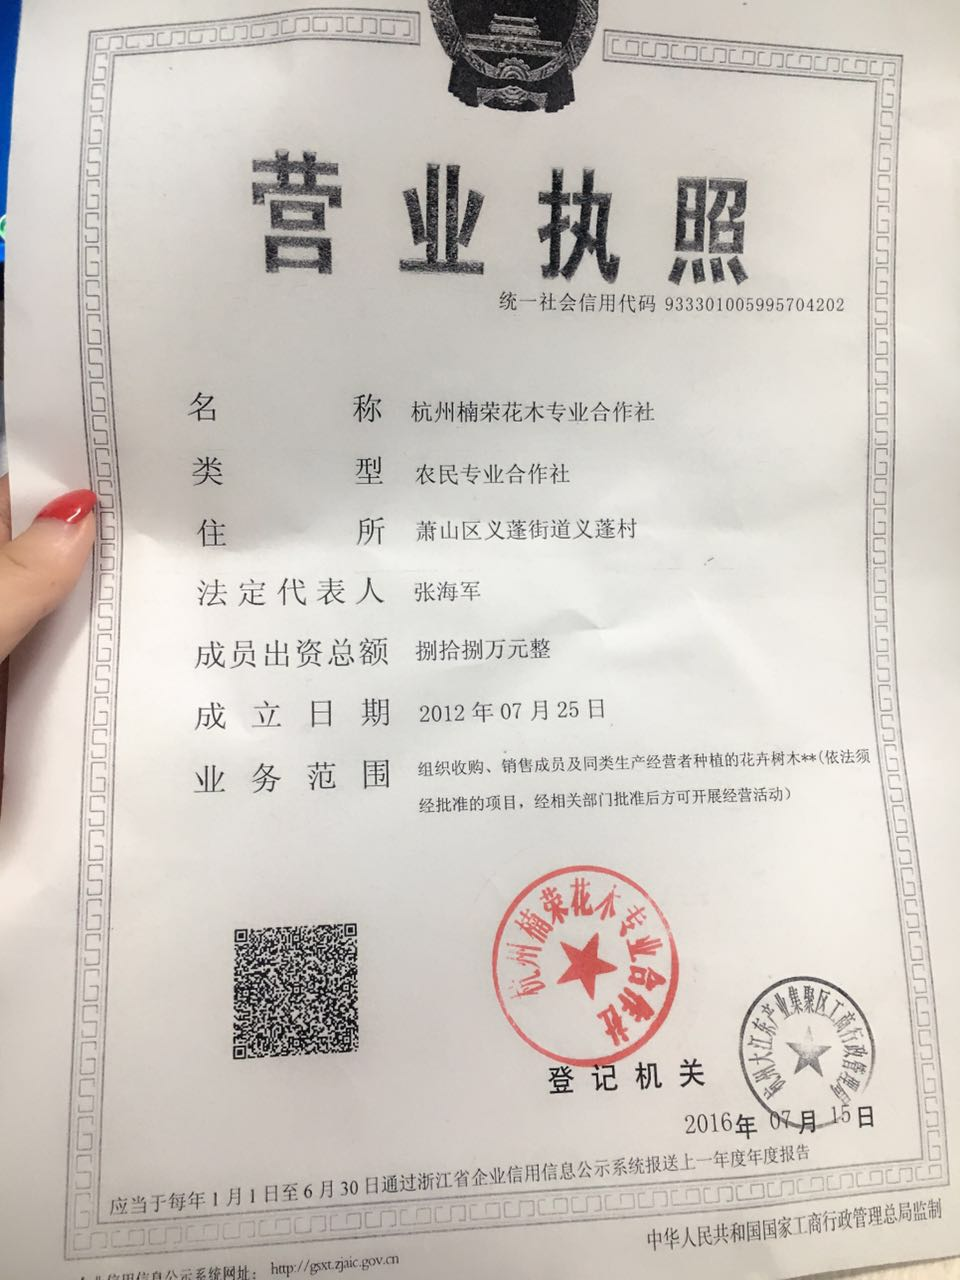 杭州楠荣花木专业合作社